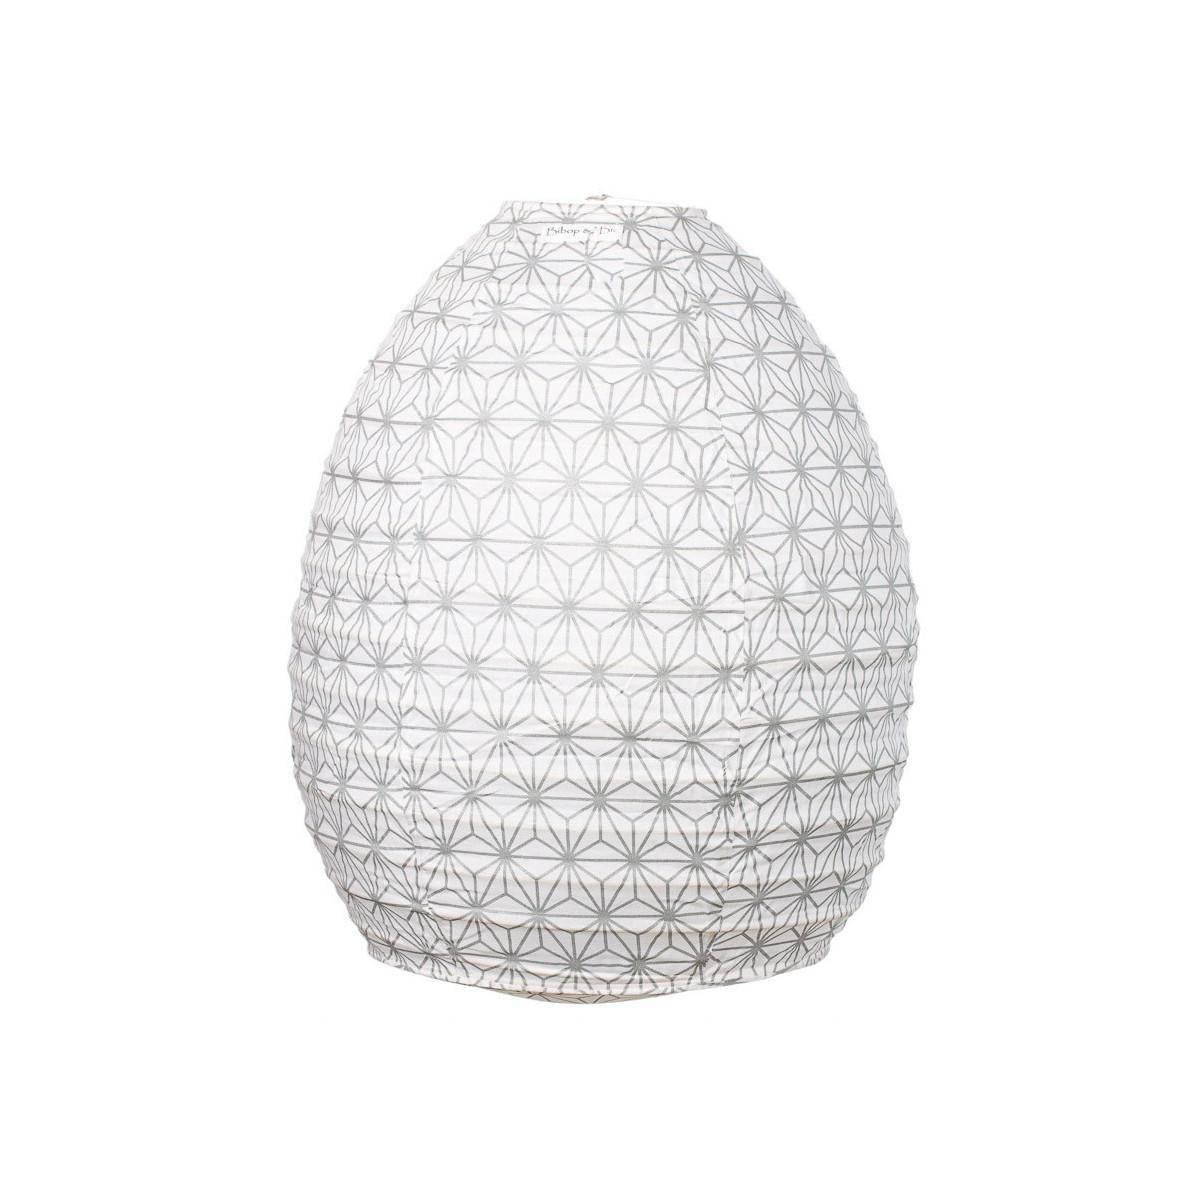 Lampion tissu boule japonaise ruche Asanoha argent